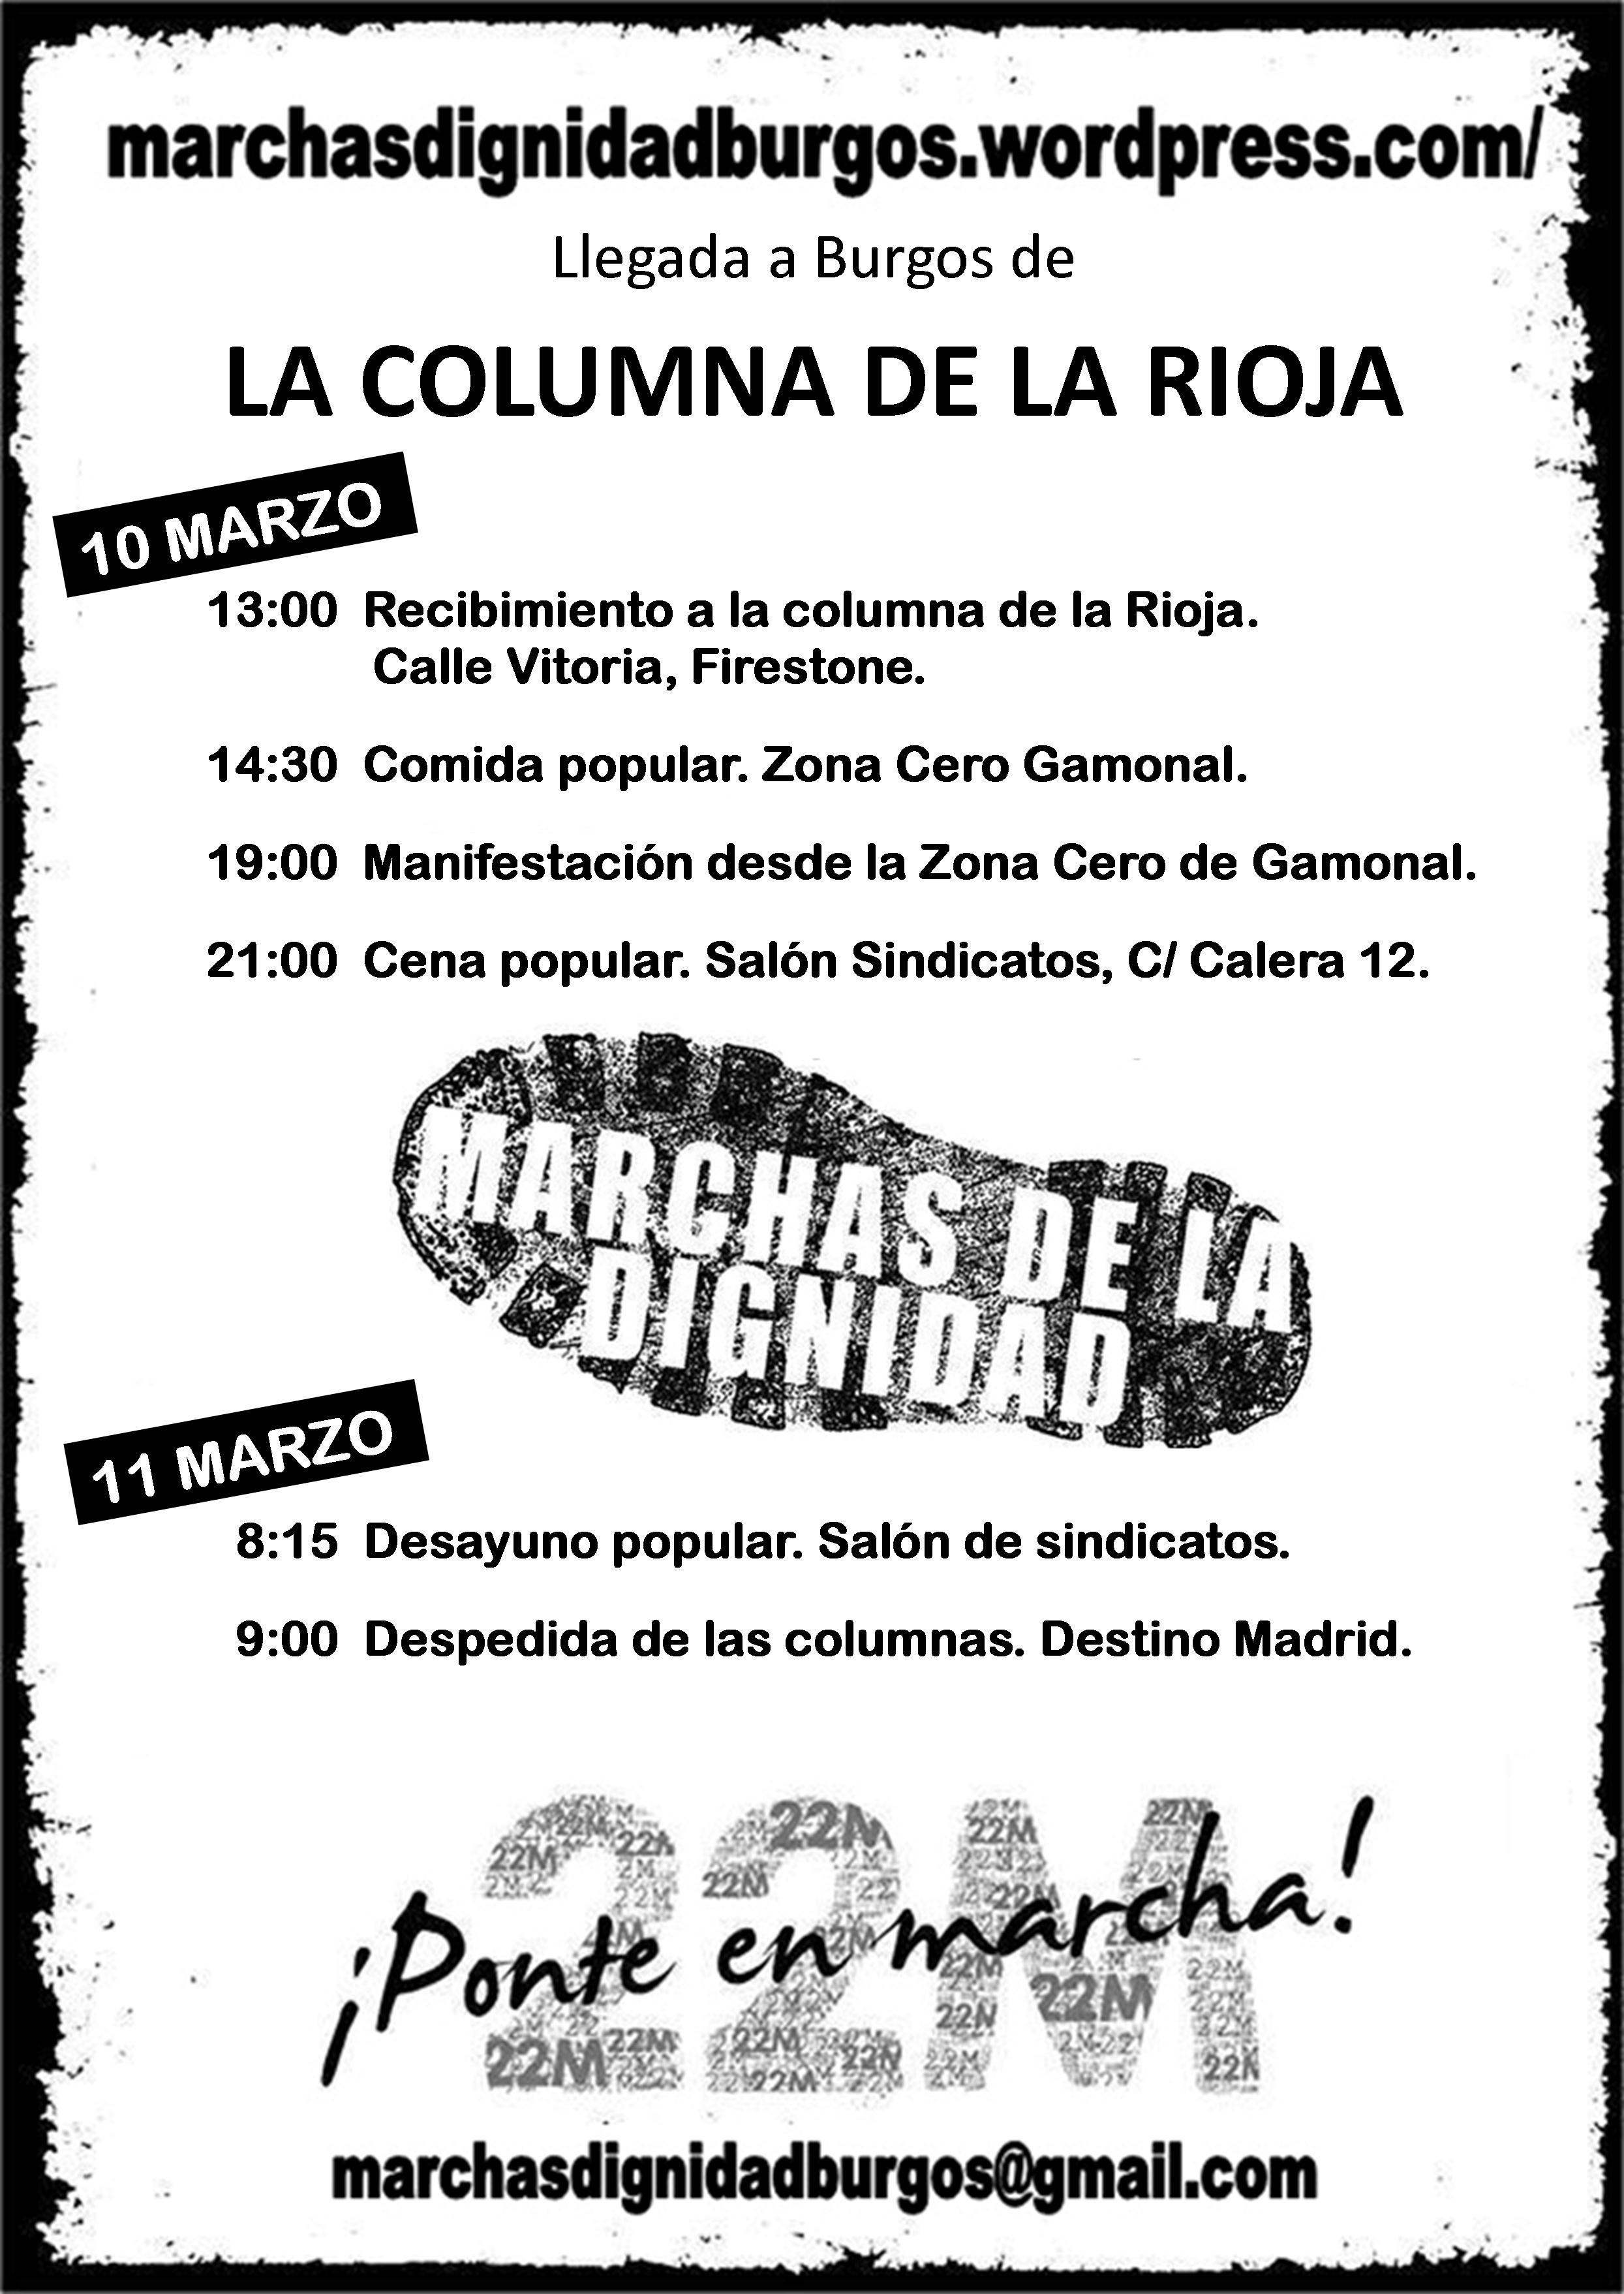 Photo of 10 de Marzo, día de las Marcha de la Dignidad en Burgos.